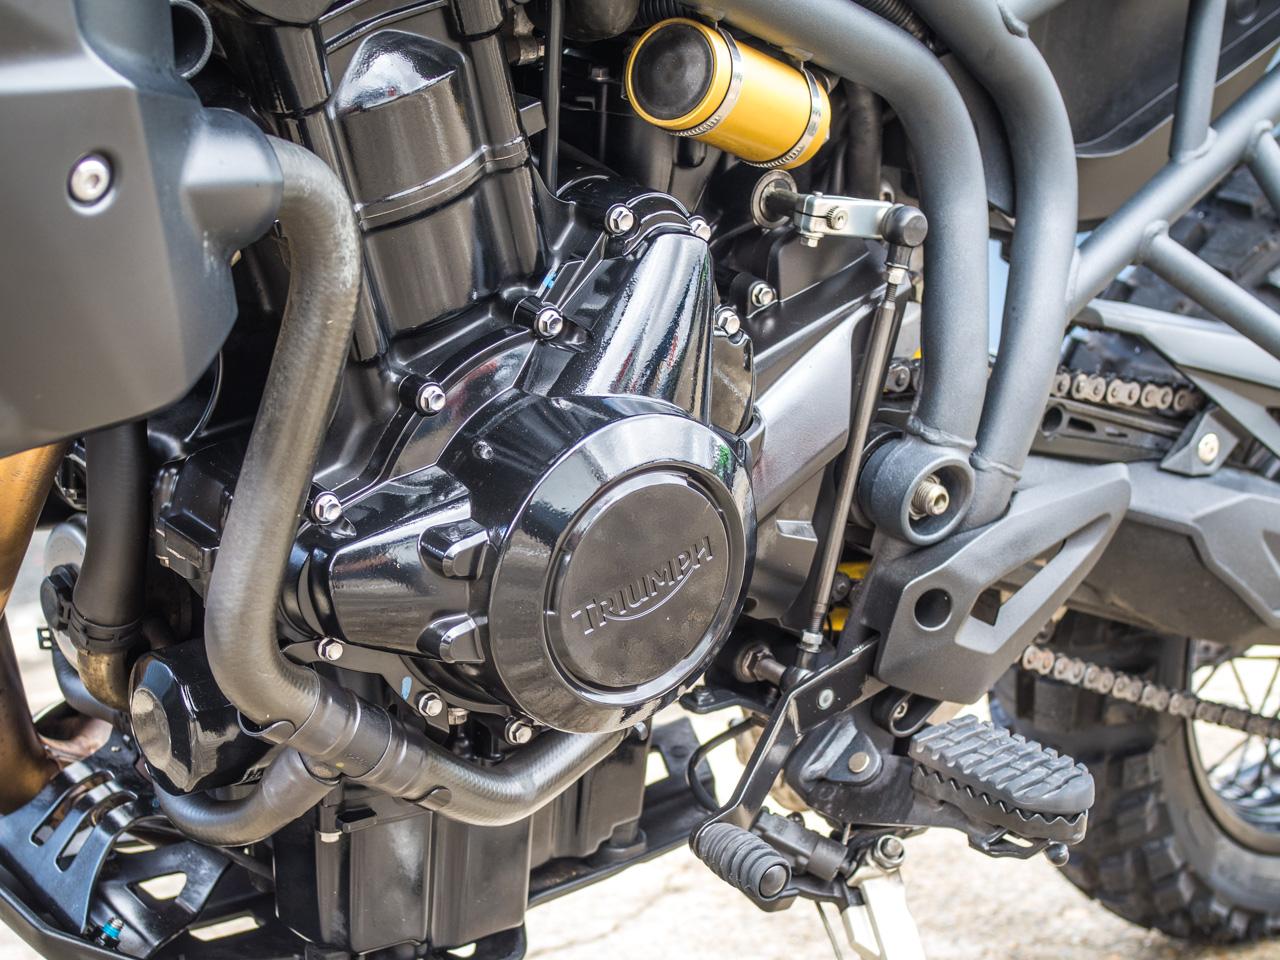 2012 Triumph Tiger 800 Xc For Sale